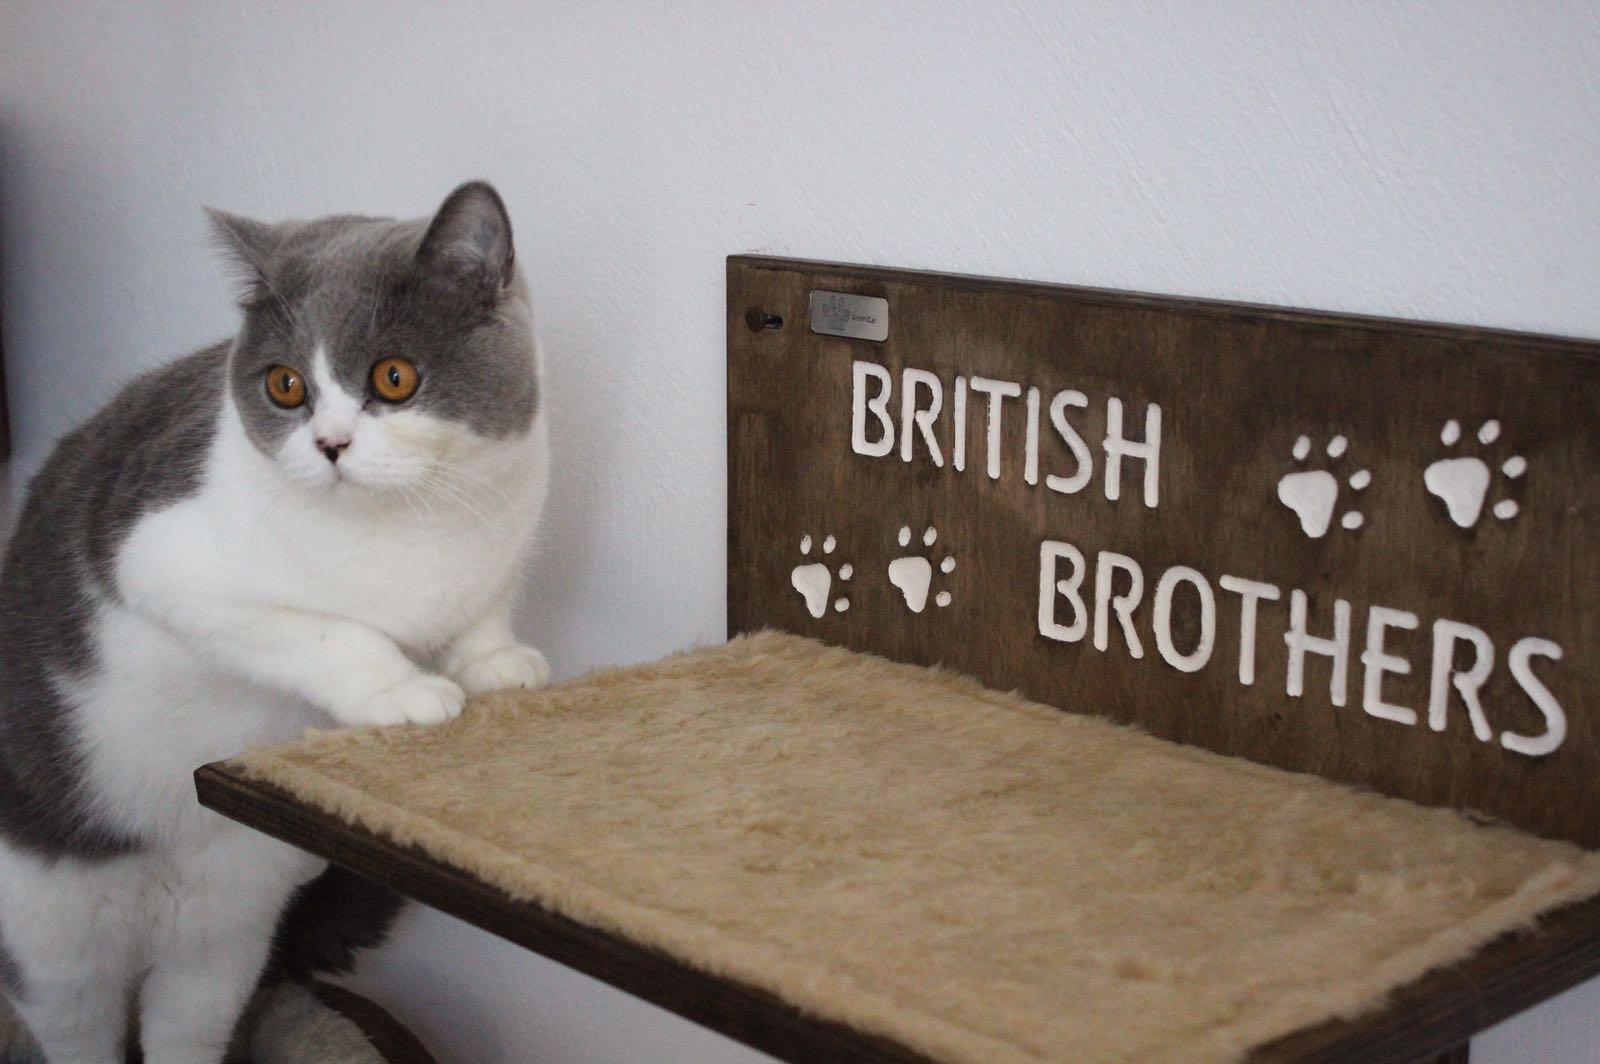 Mensola per gatti con nome intagliato e zampine for Mensole per gatti ikea